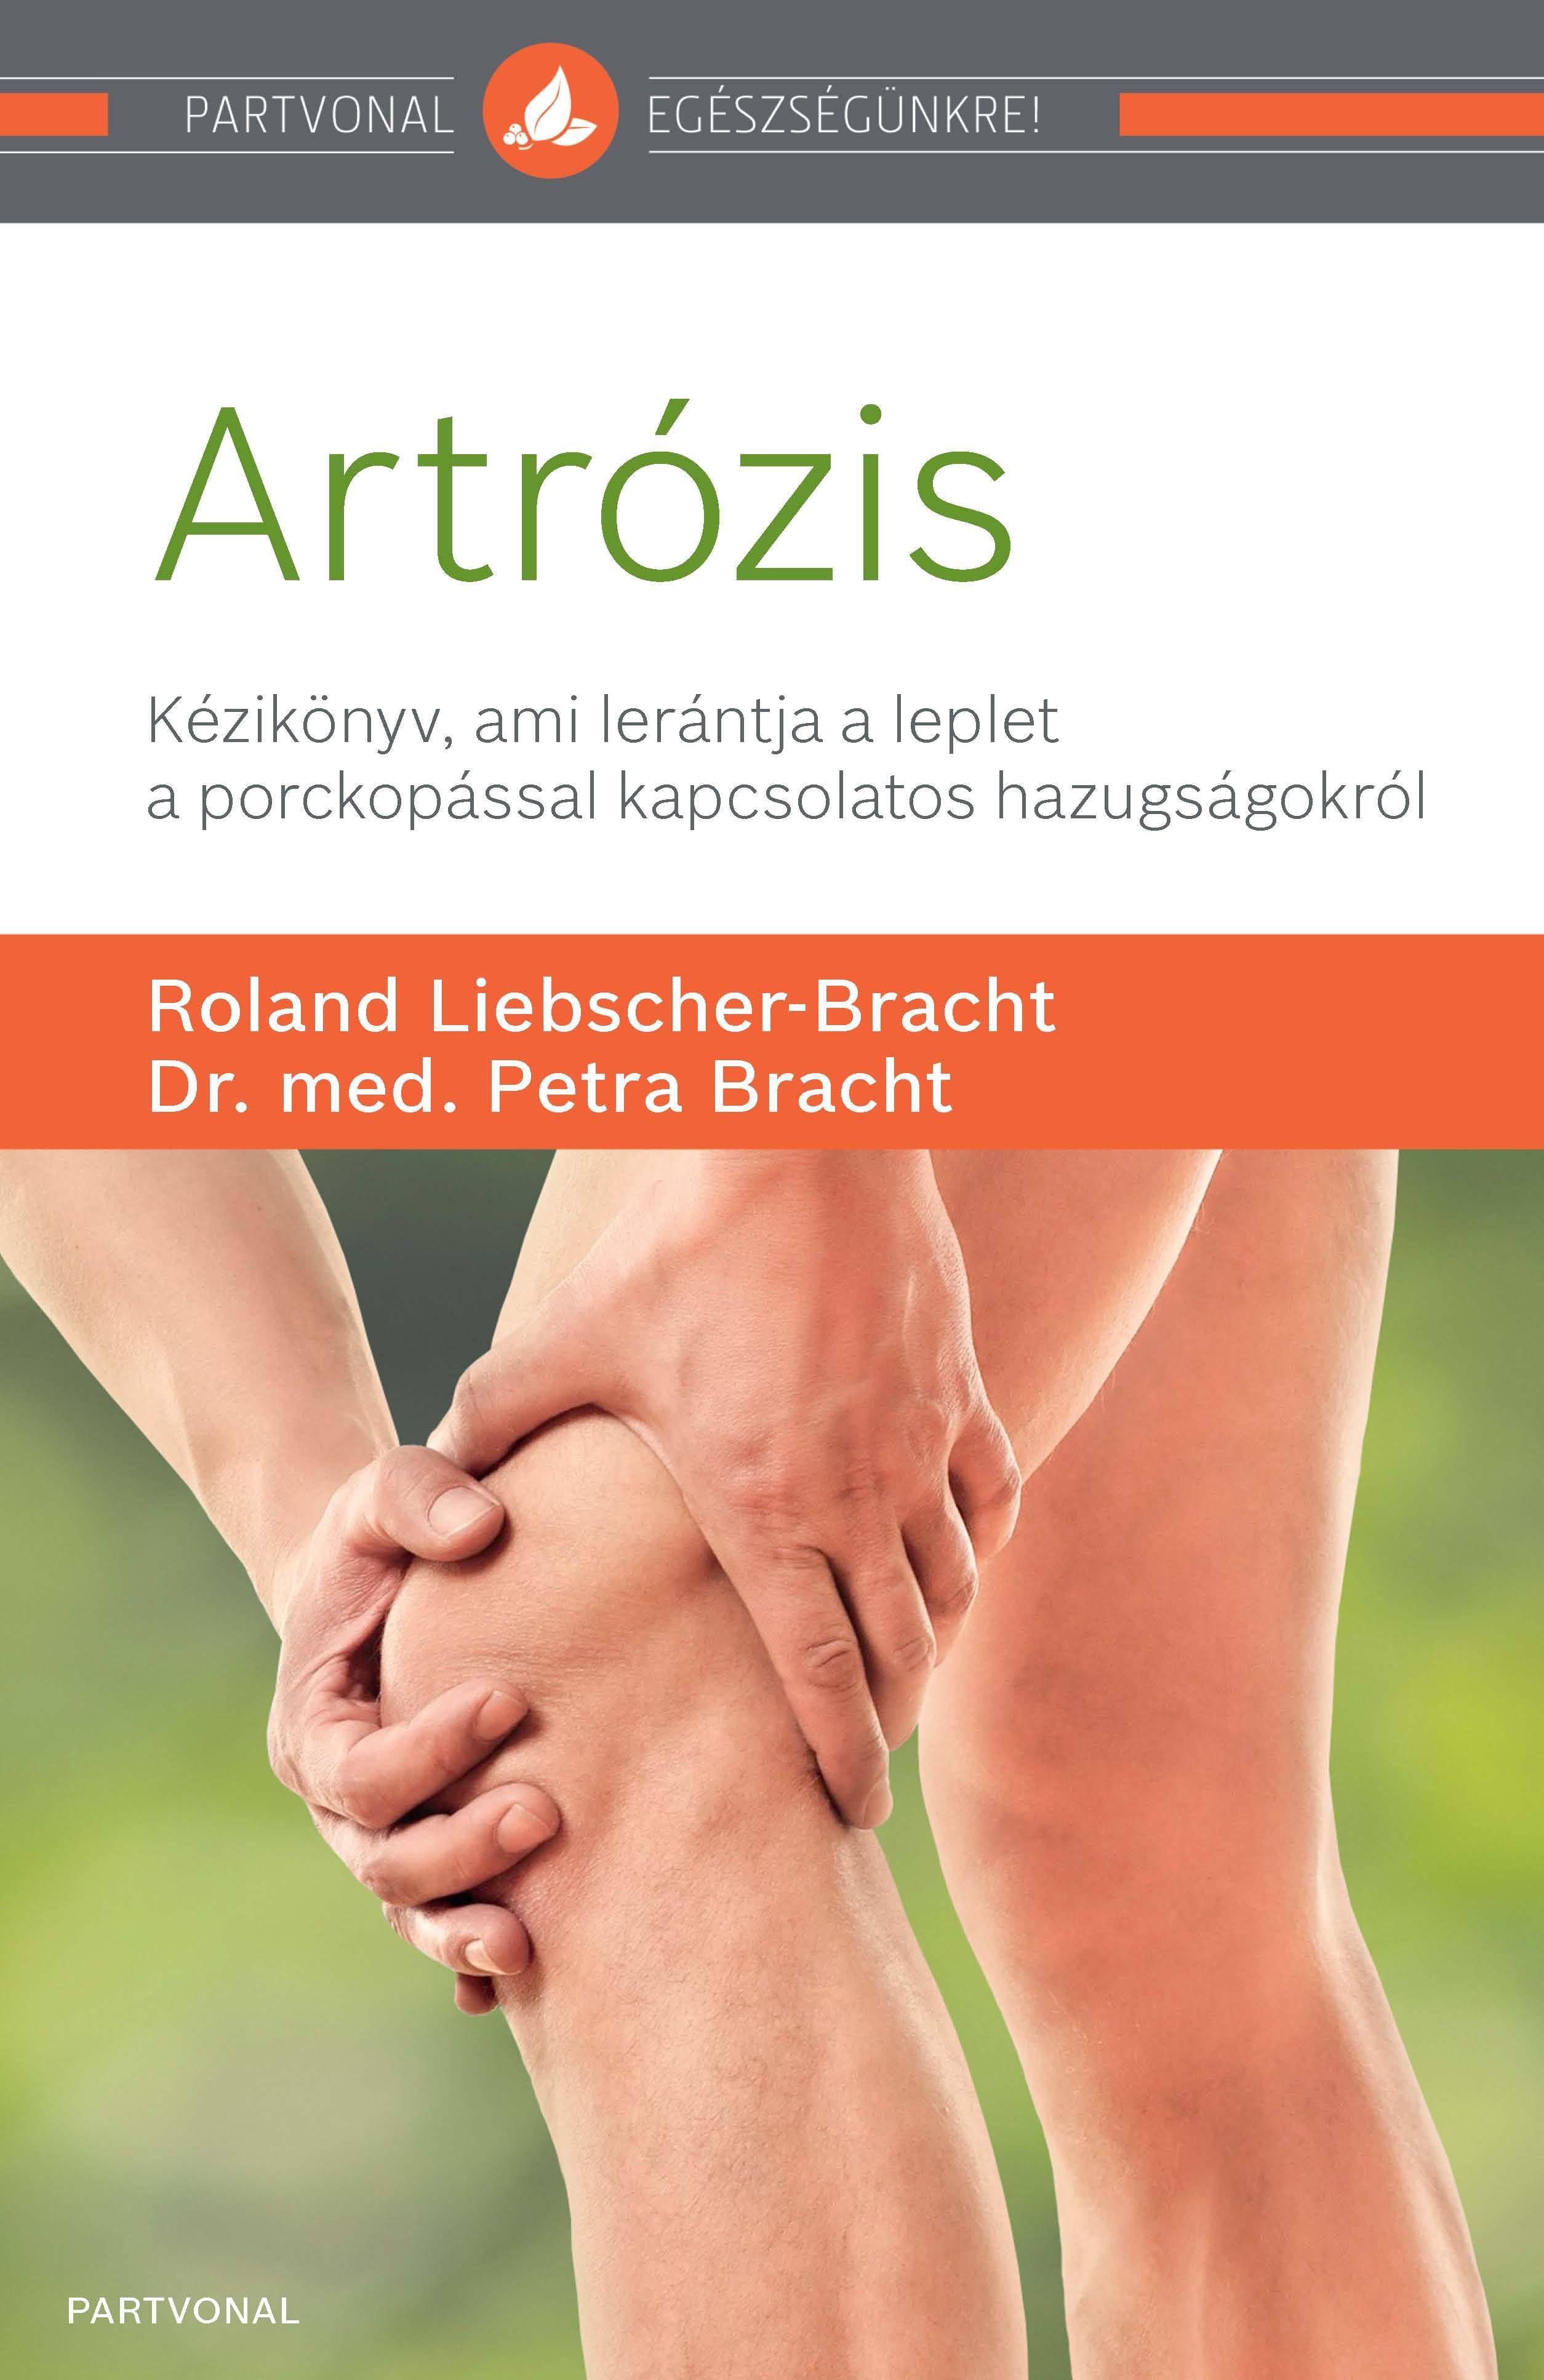 Roland Liebscher-Bracht - dr. med. Petra Bracht - Artrózis - Kézikönyv, ami segít leküzdeni a fájdalmat, és lerántja a leplet a porckopással kapcsolatos hazugságokról.